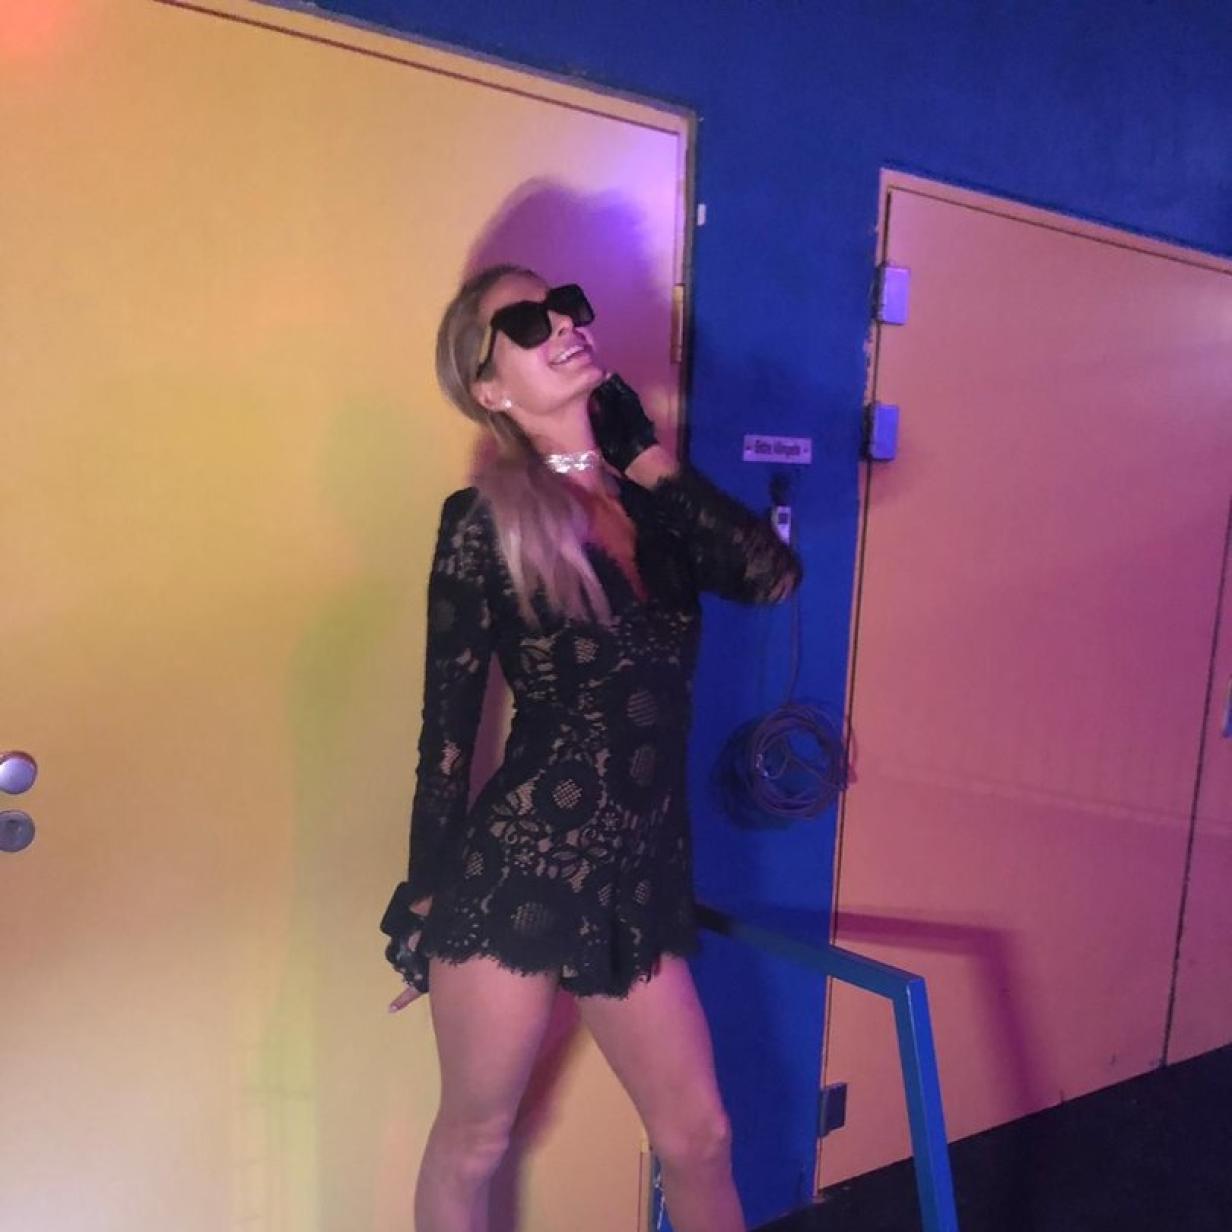 One Night In Vienna: Paris Hiltons wilde Partynacht in Wien